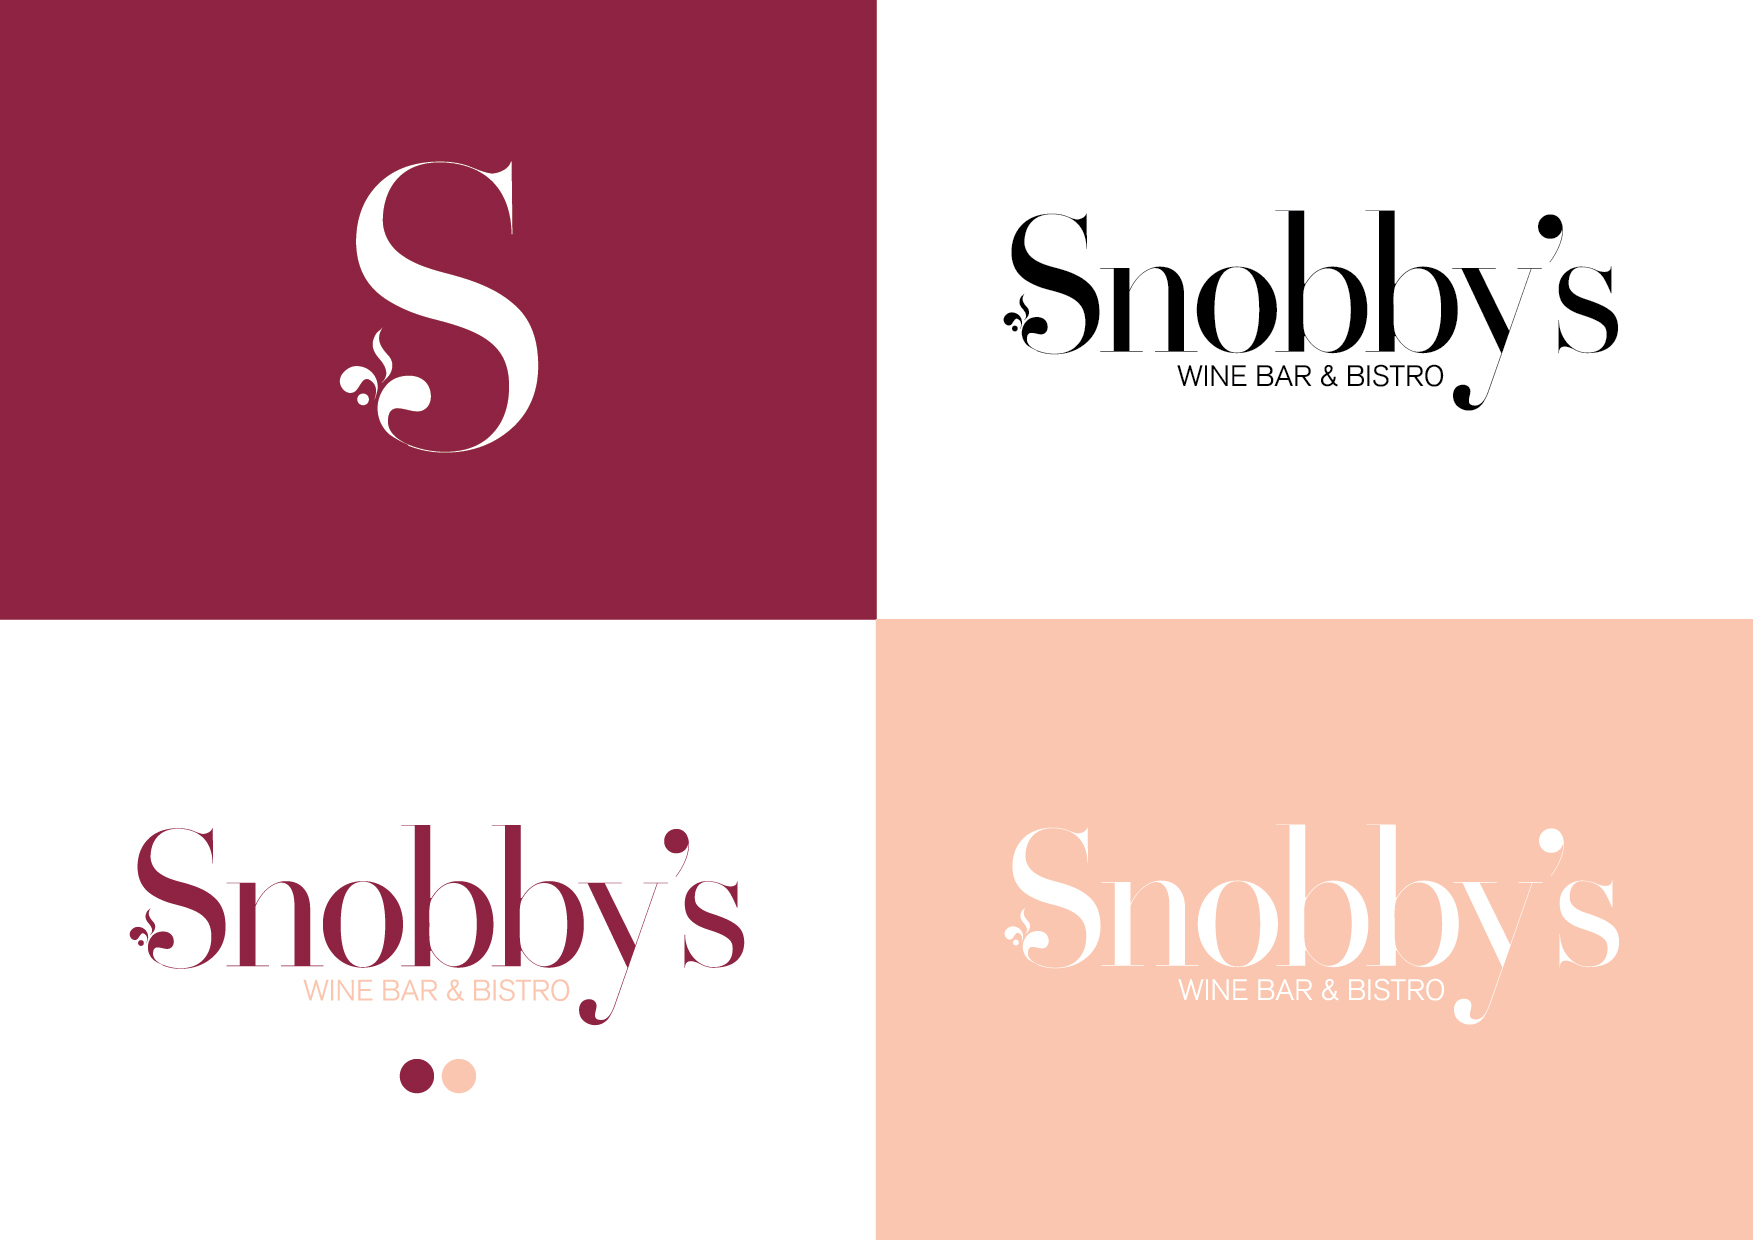 Snobby_s_logo-02